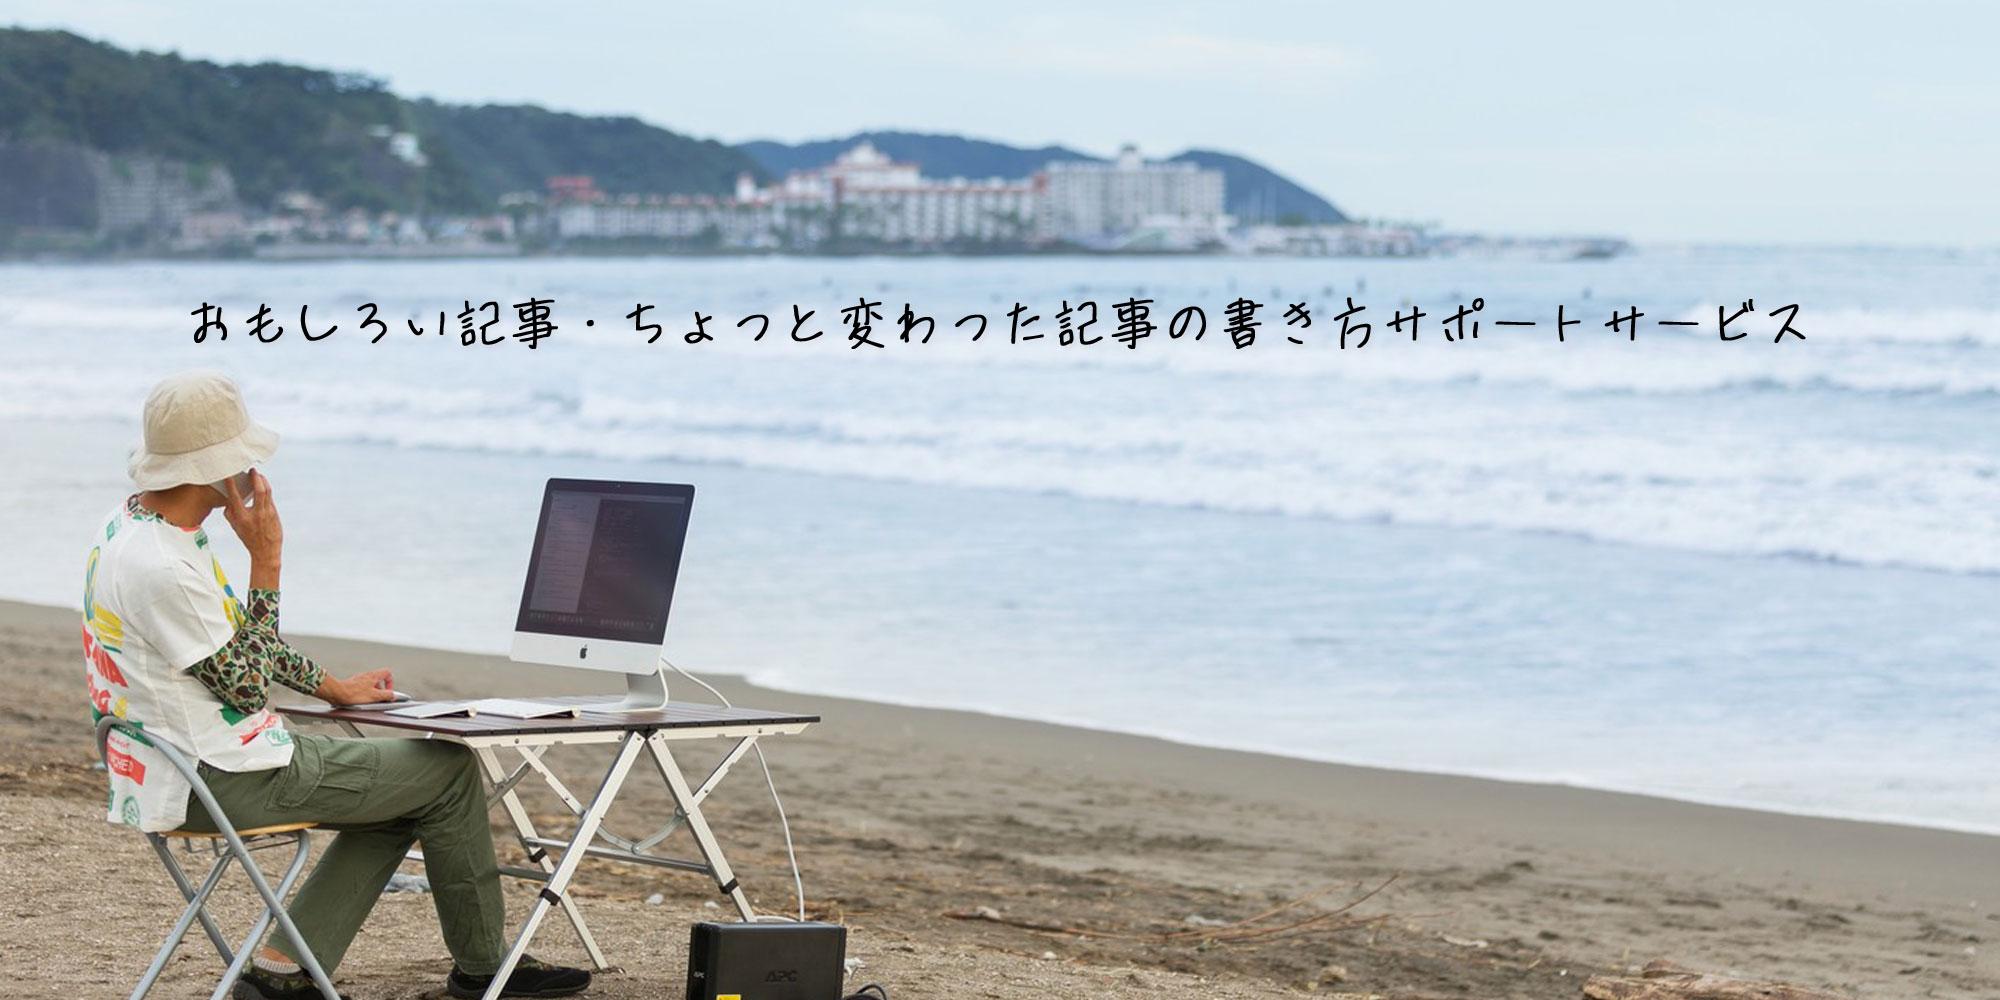 【ブログ】おもしろい記事の書き方サポートサービス ~常識にとらわれないブログ作成法~